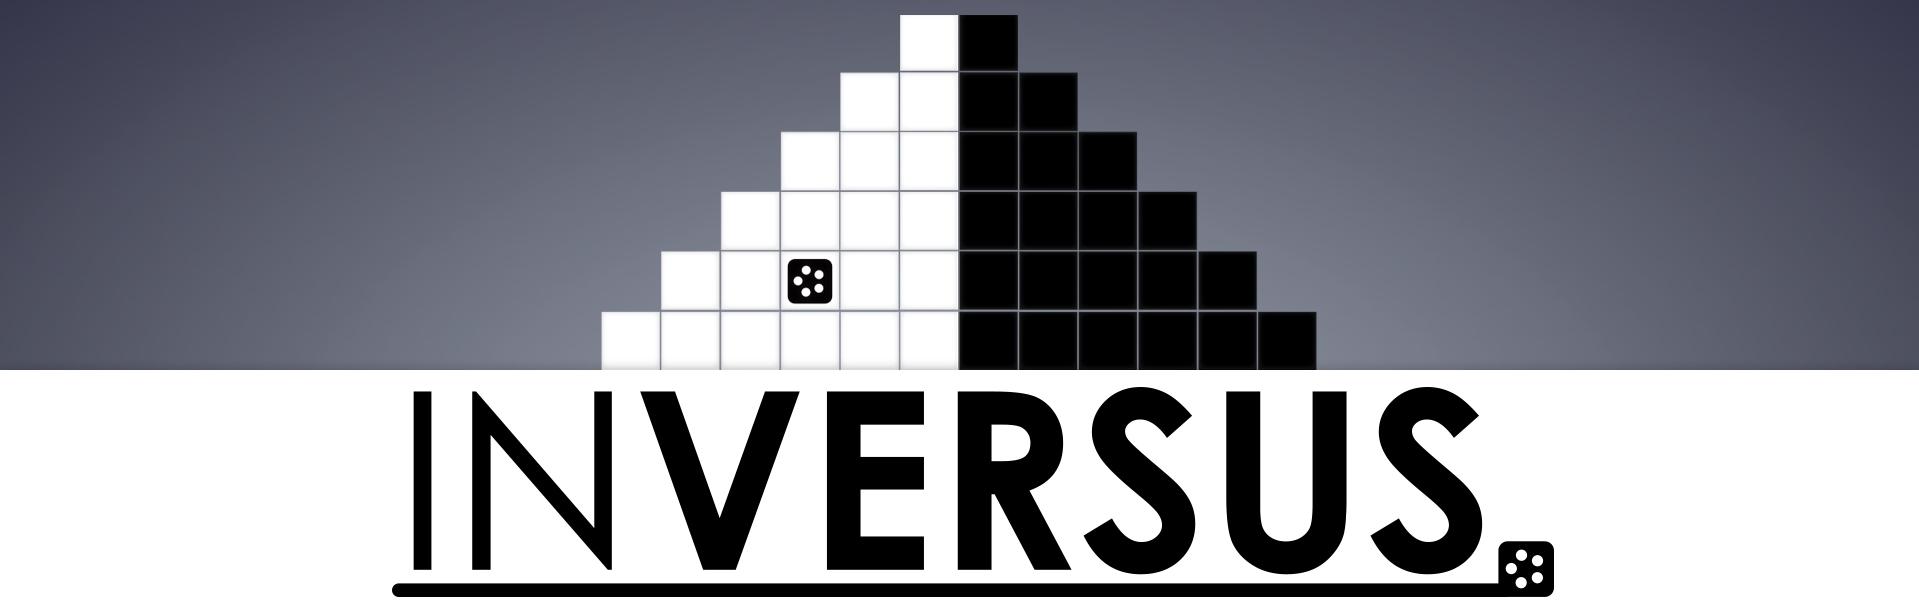 Inversus Deluxe Steam Key GLOBAL